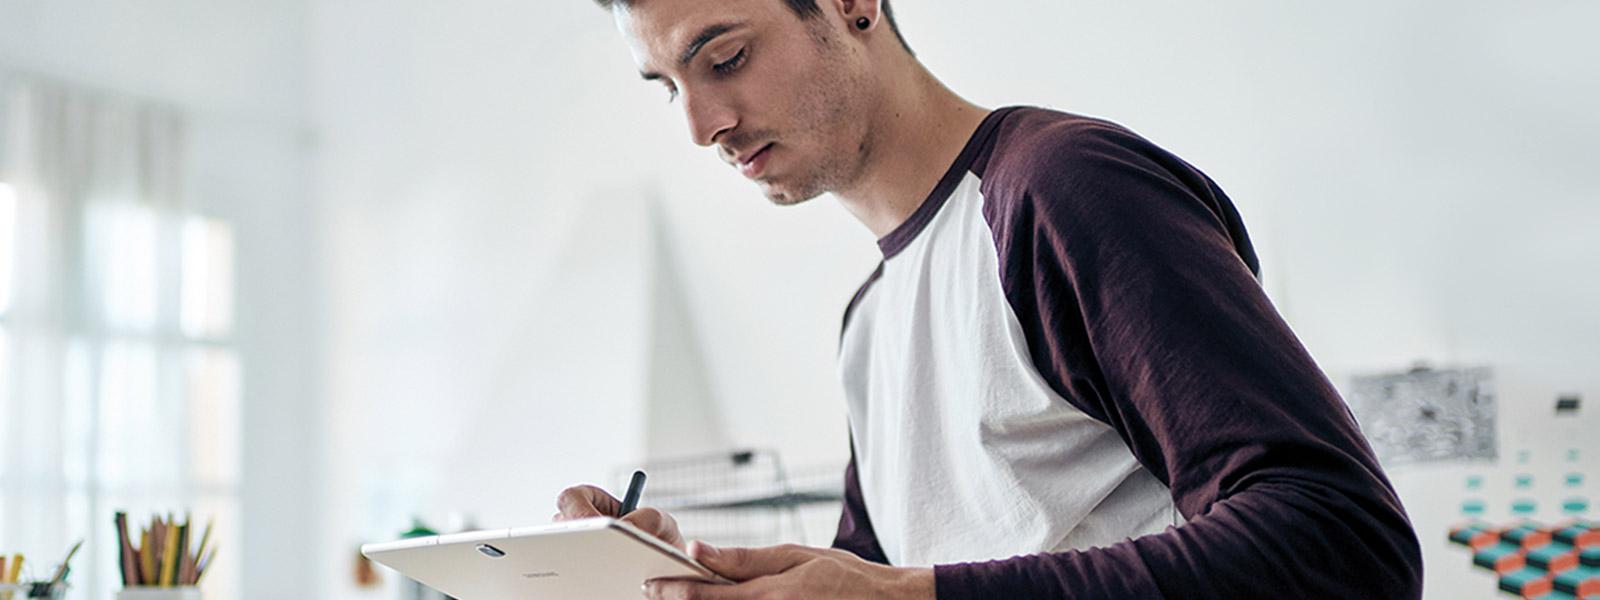 Uomo seduto alla scrivania che usa Samsung Galaxy TabPro S